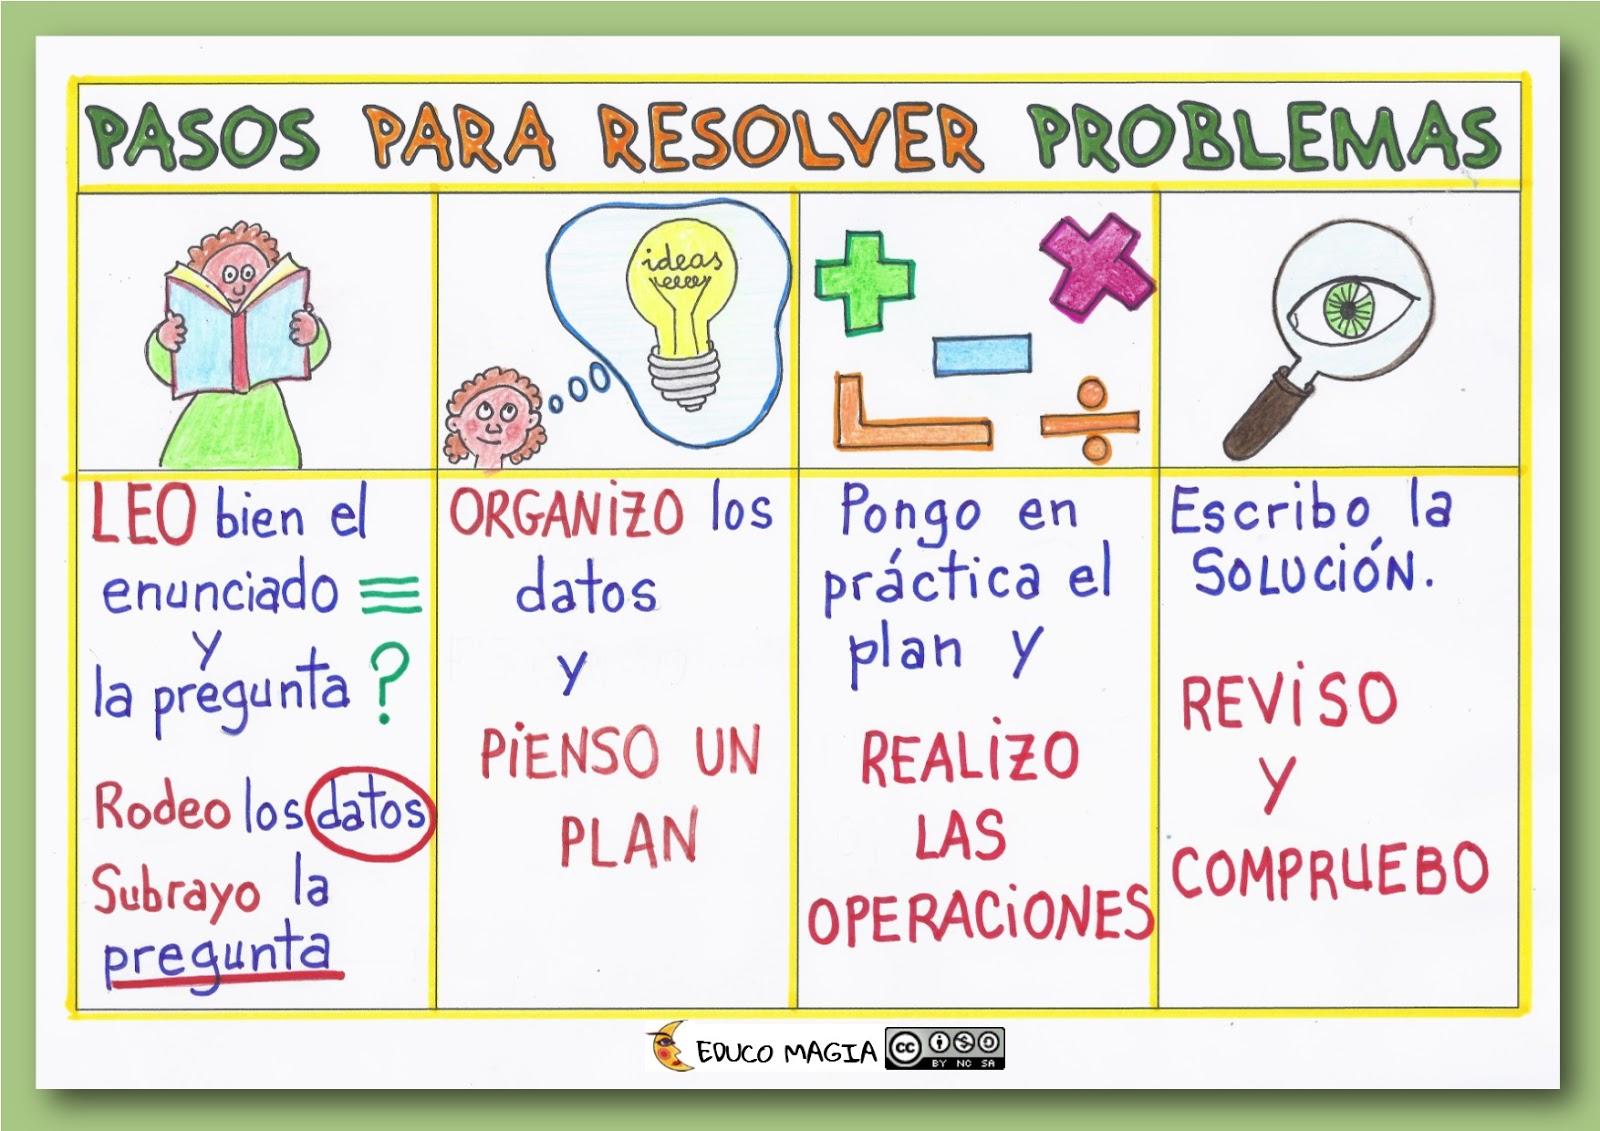 Resultado de imagen de pasos resolver problemas